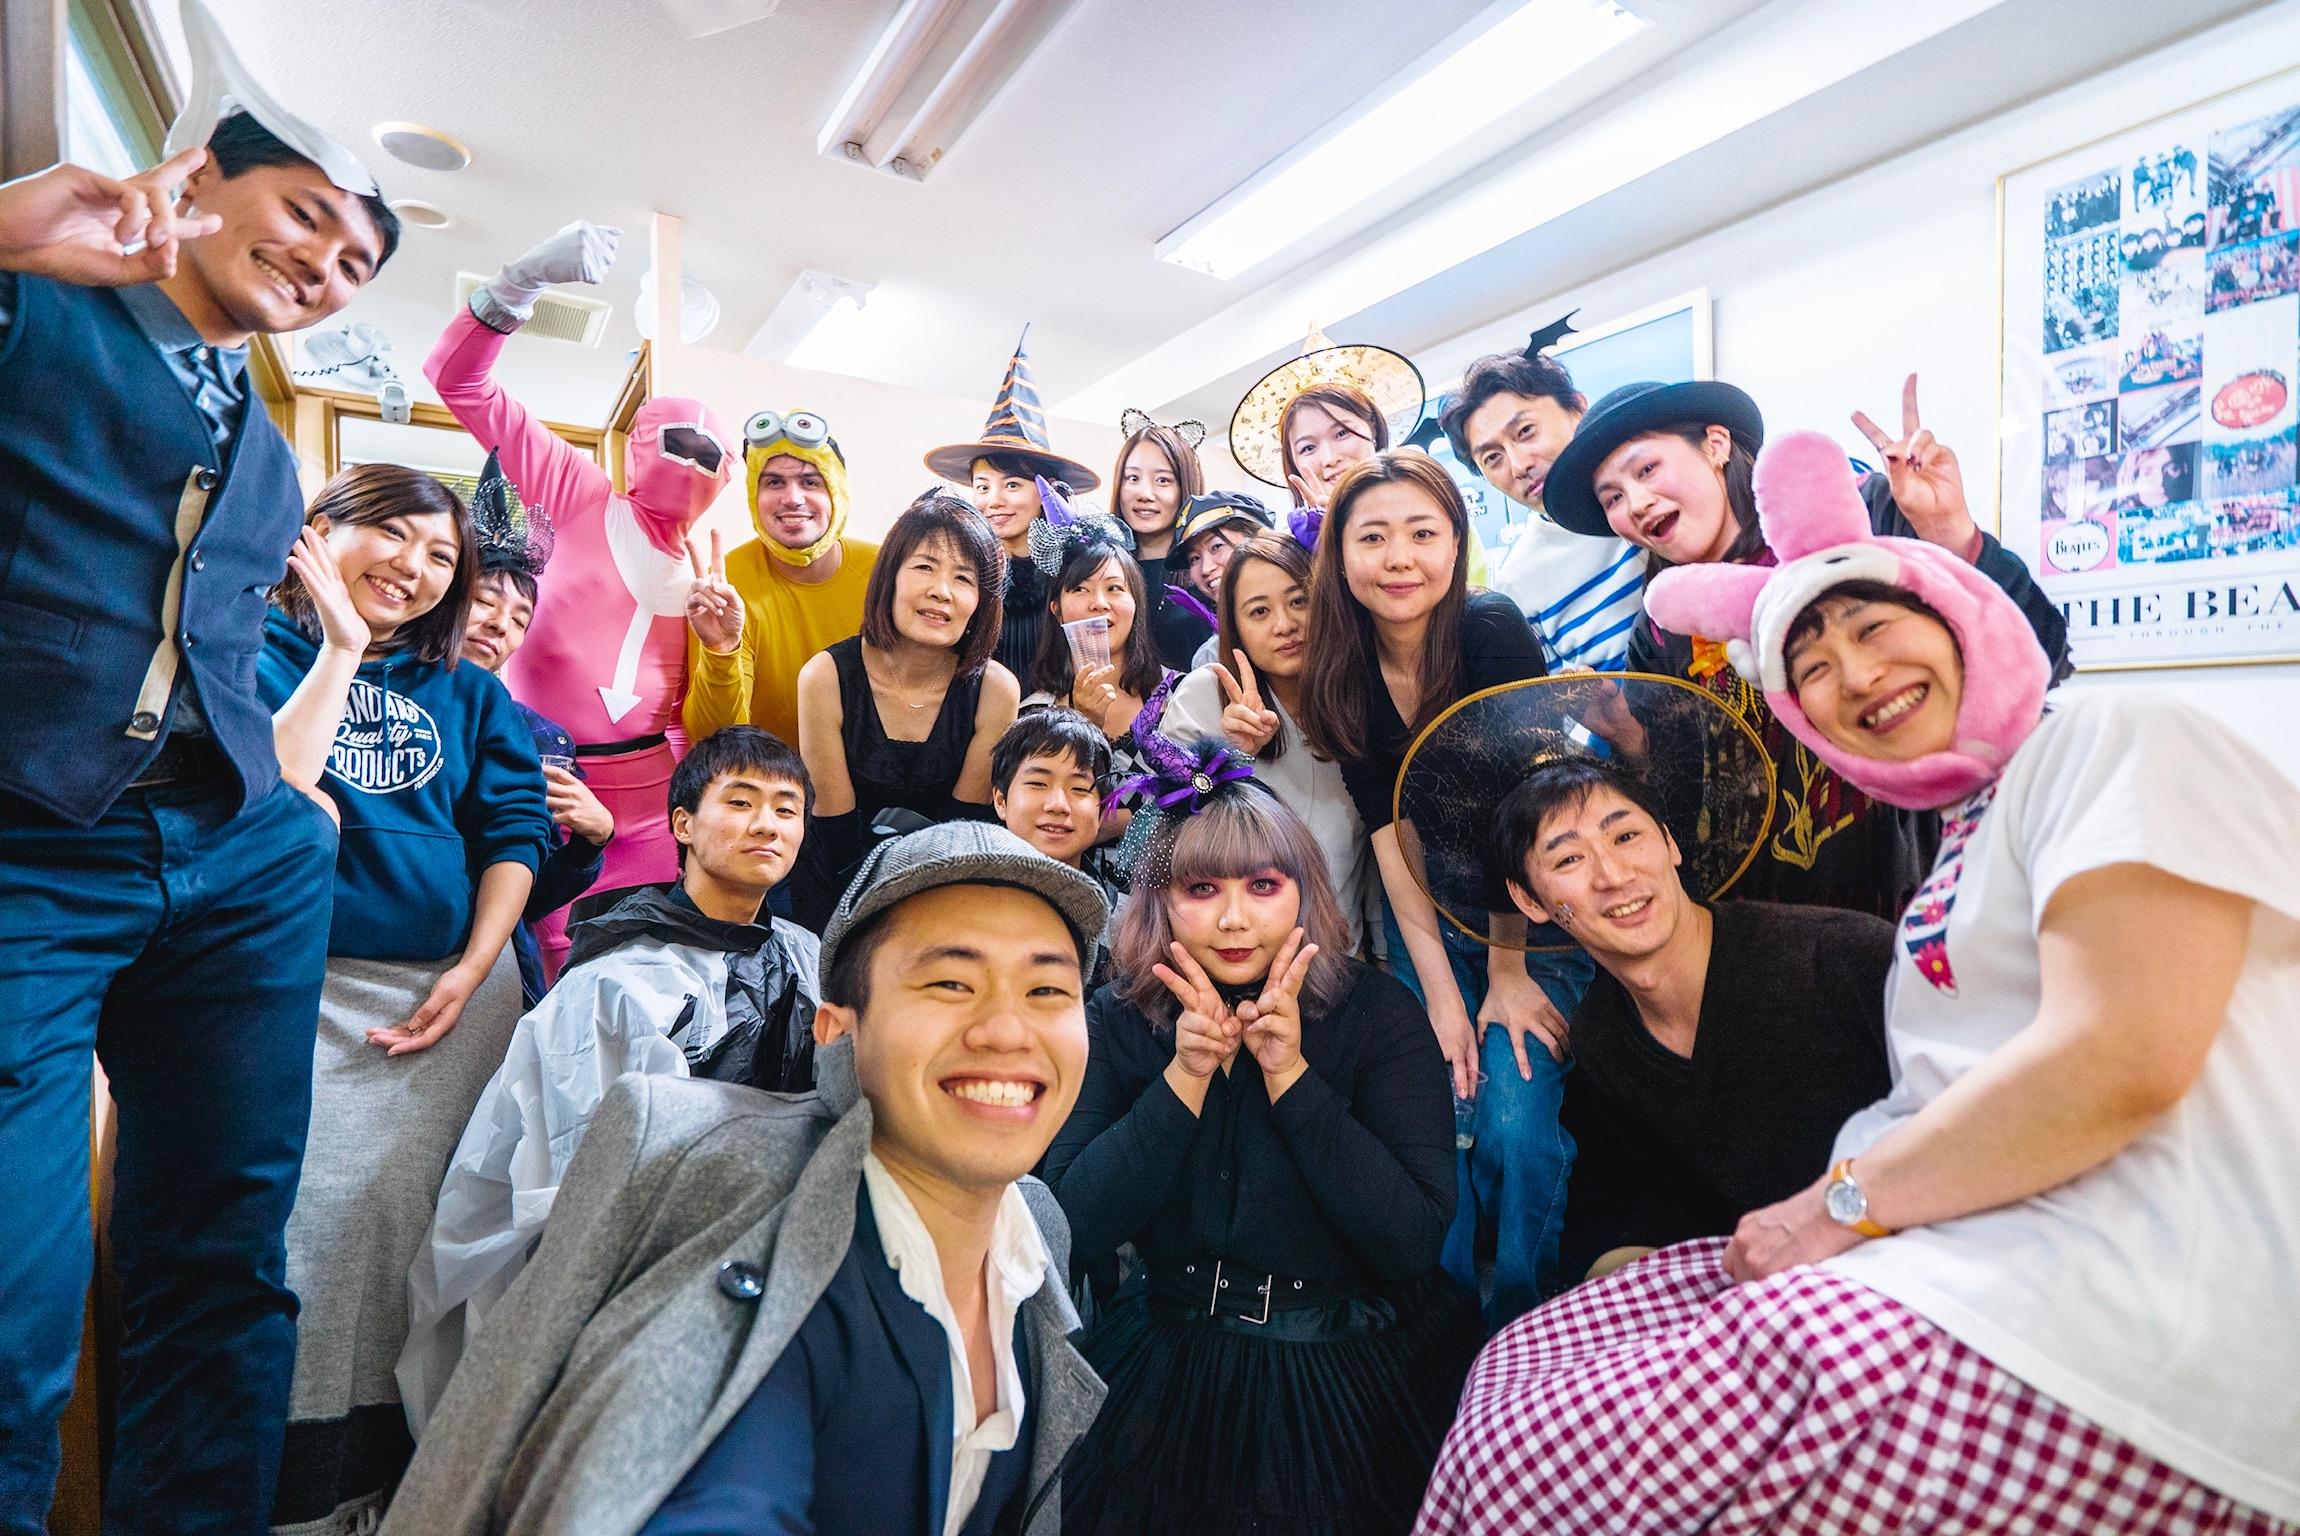 BMC Extras - ・BMCでは、2ヵ月に一度イベント企画レッスンを開催しています。・有志の生徒さんがBMCサークルを運営しています。